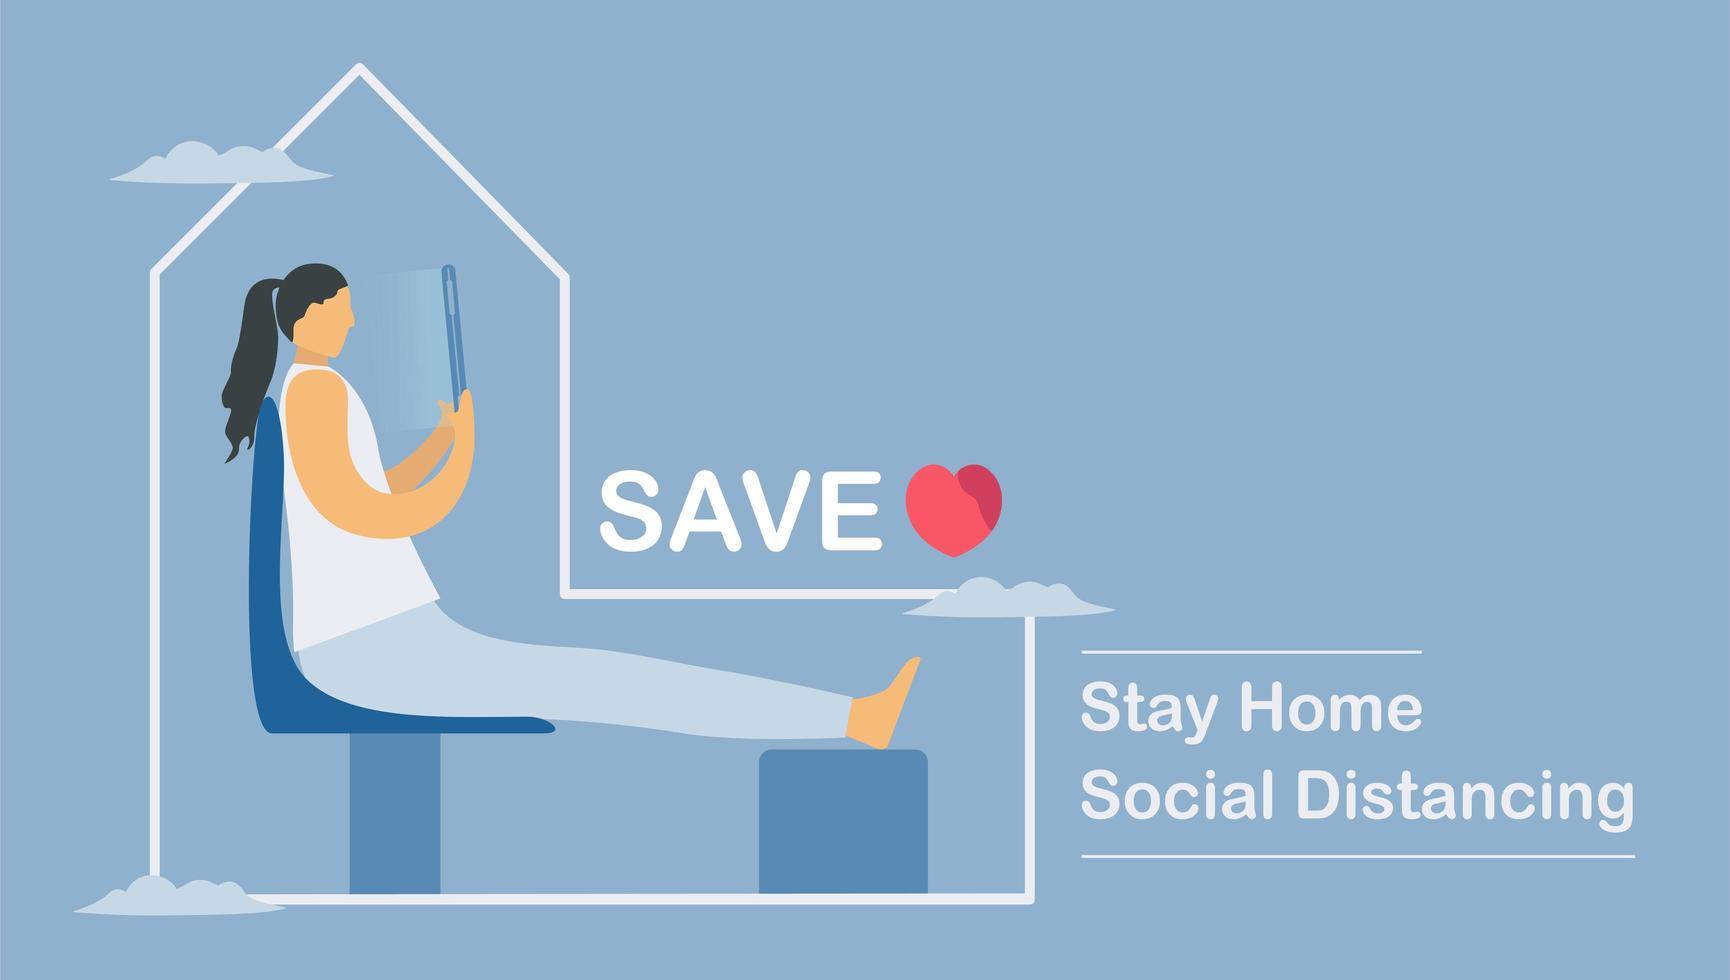 travail à domicile conception de distanciation sociale vecteur